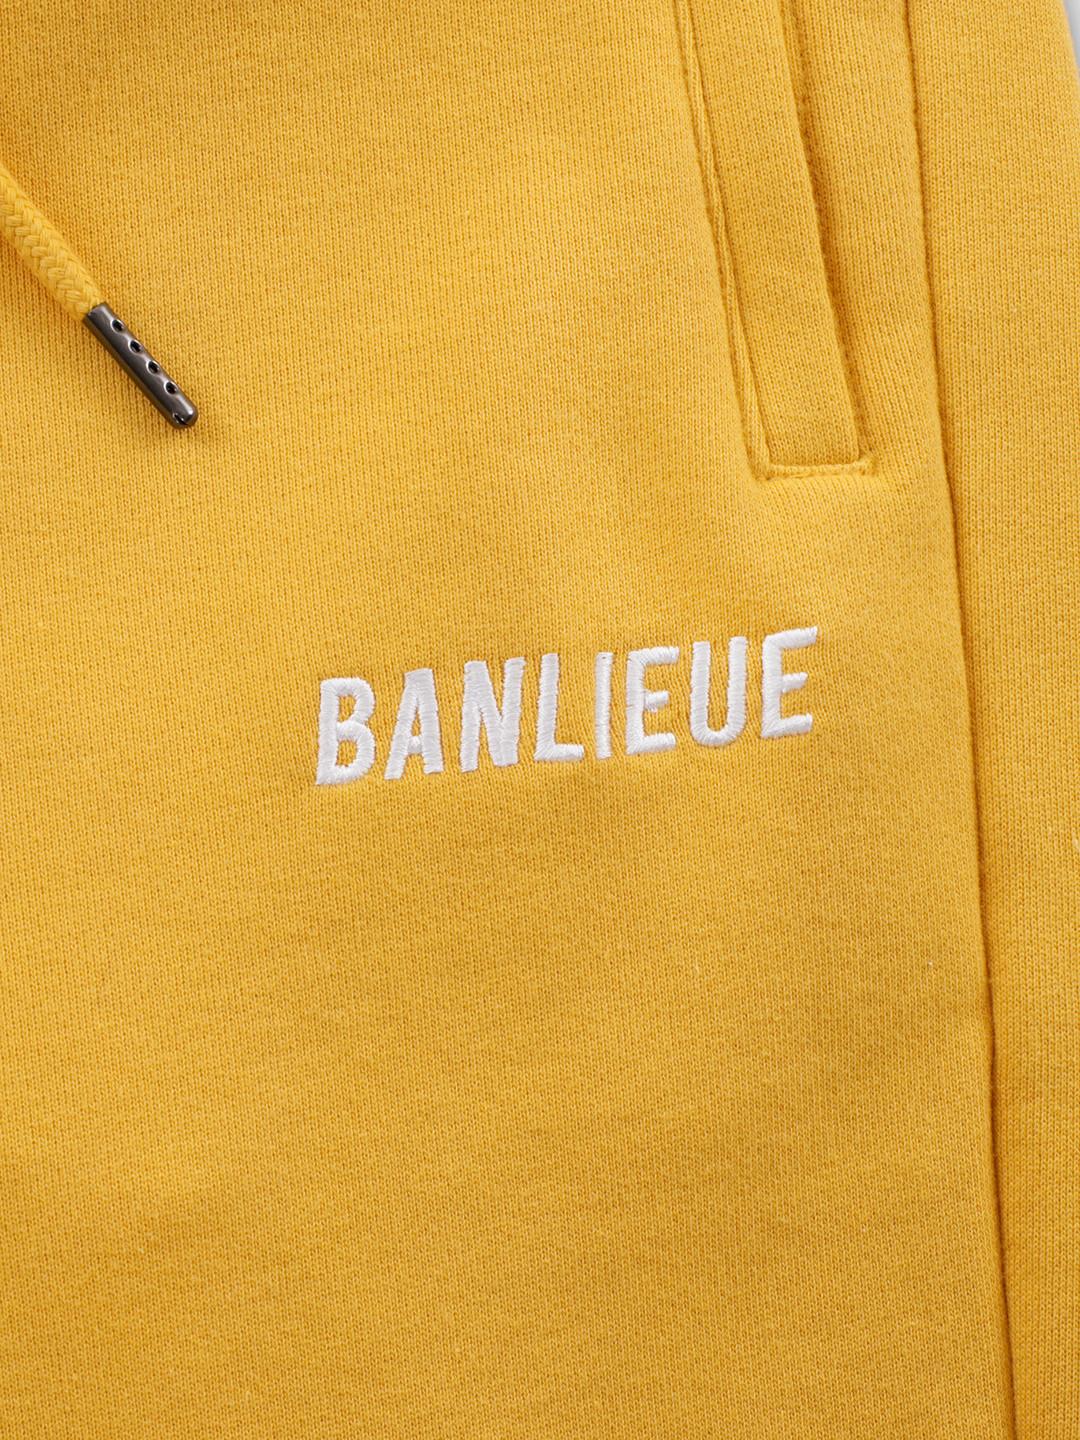 TXT Sweatpants Yellow